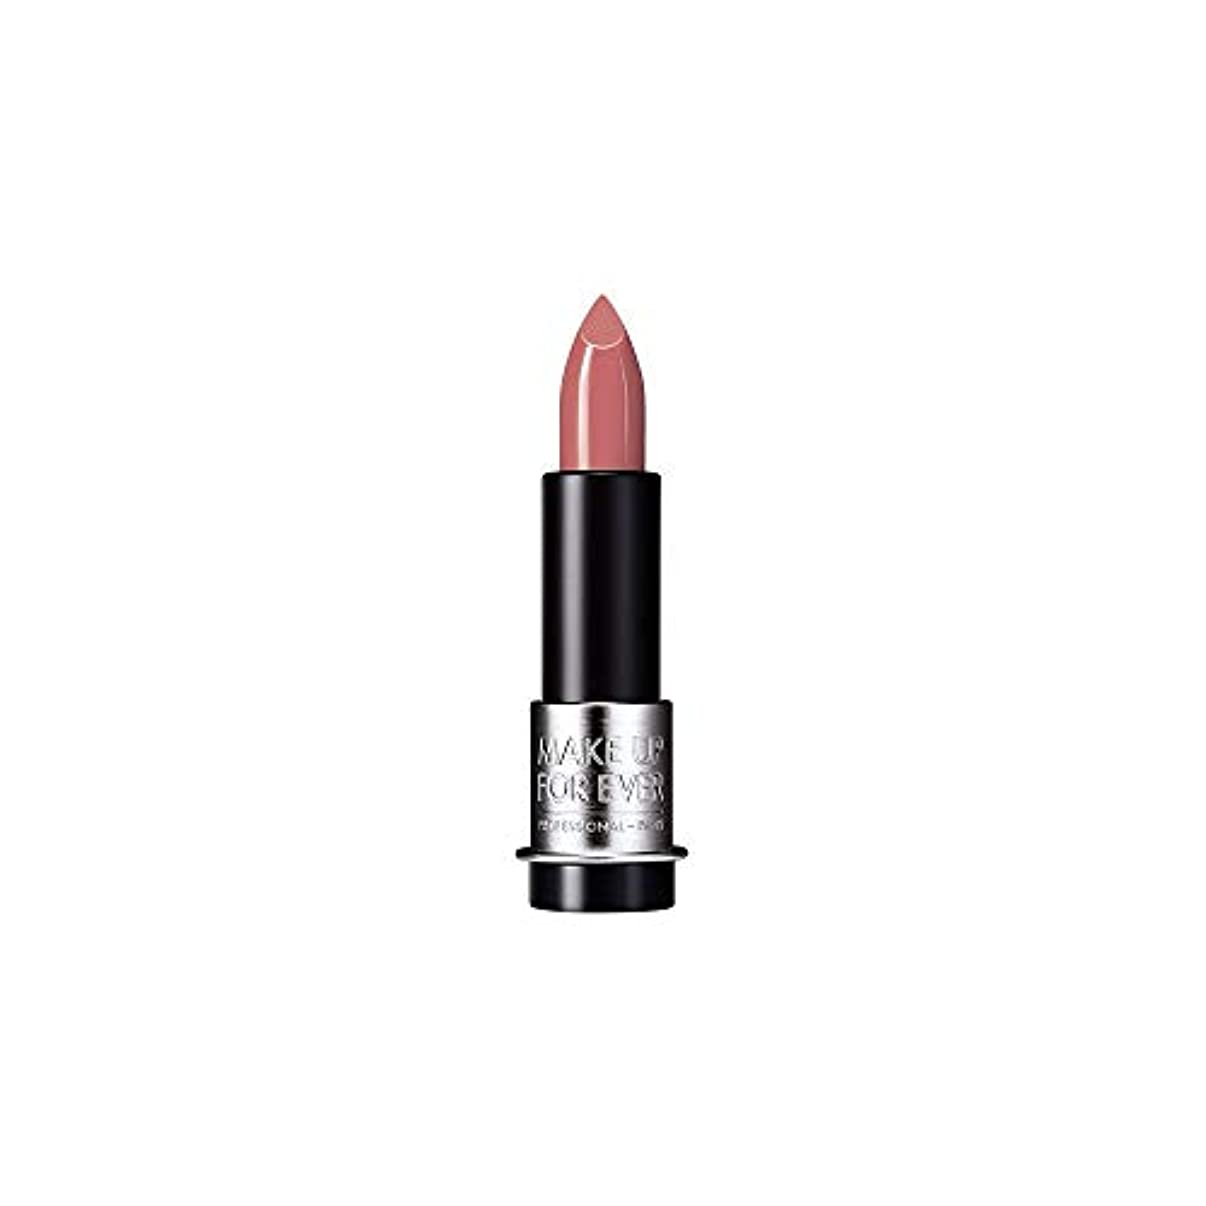 ランク高さ確認してください[MAKE UP FOR EVER] これまでアーティストルージュクリーム口紅3.5グラムのC211を補う - 木材をバラ - MAKE UP FOR EVER Artist Rouge Creme Lipstick 3.5g...